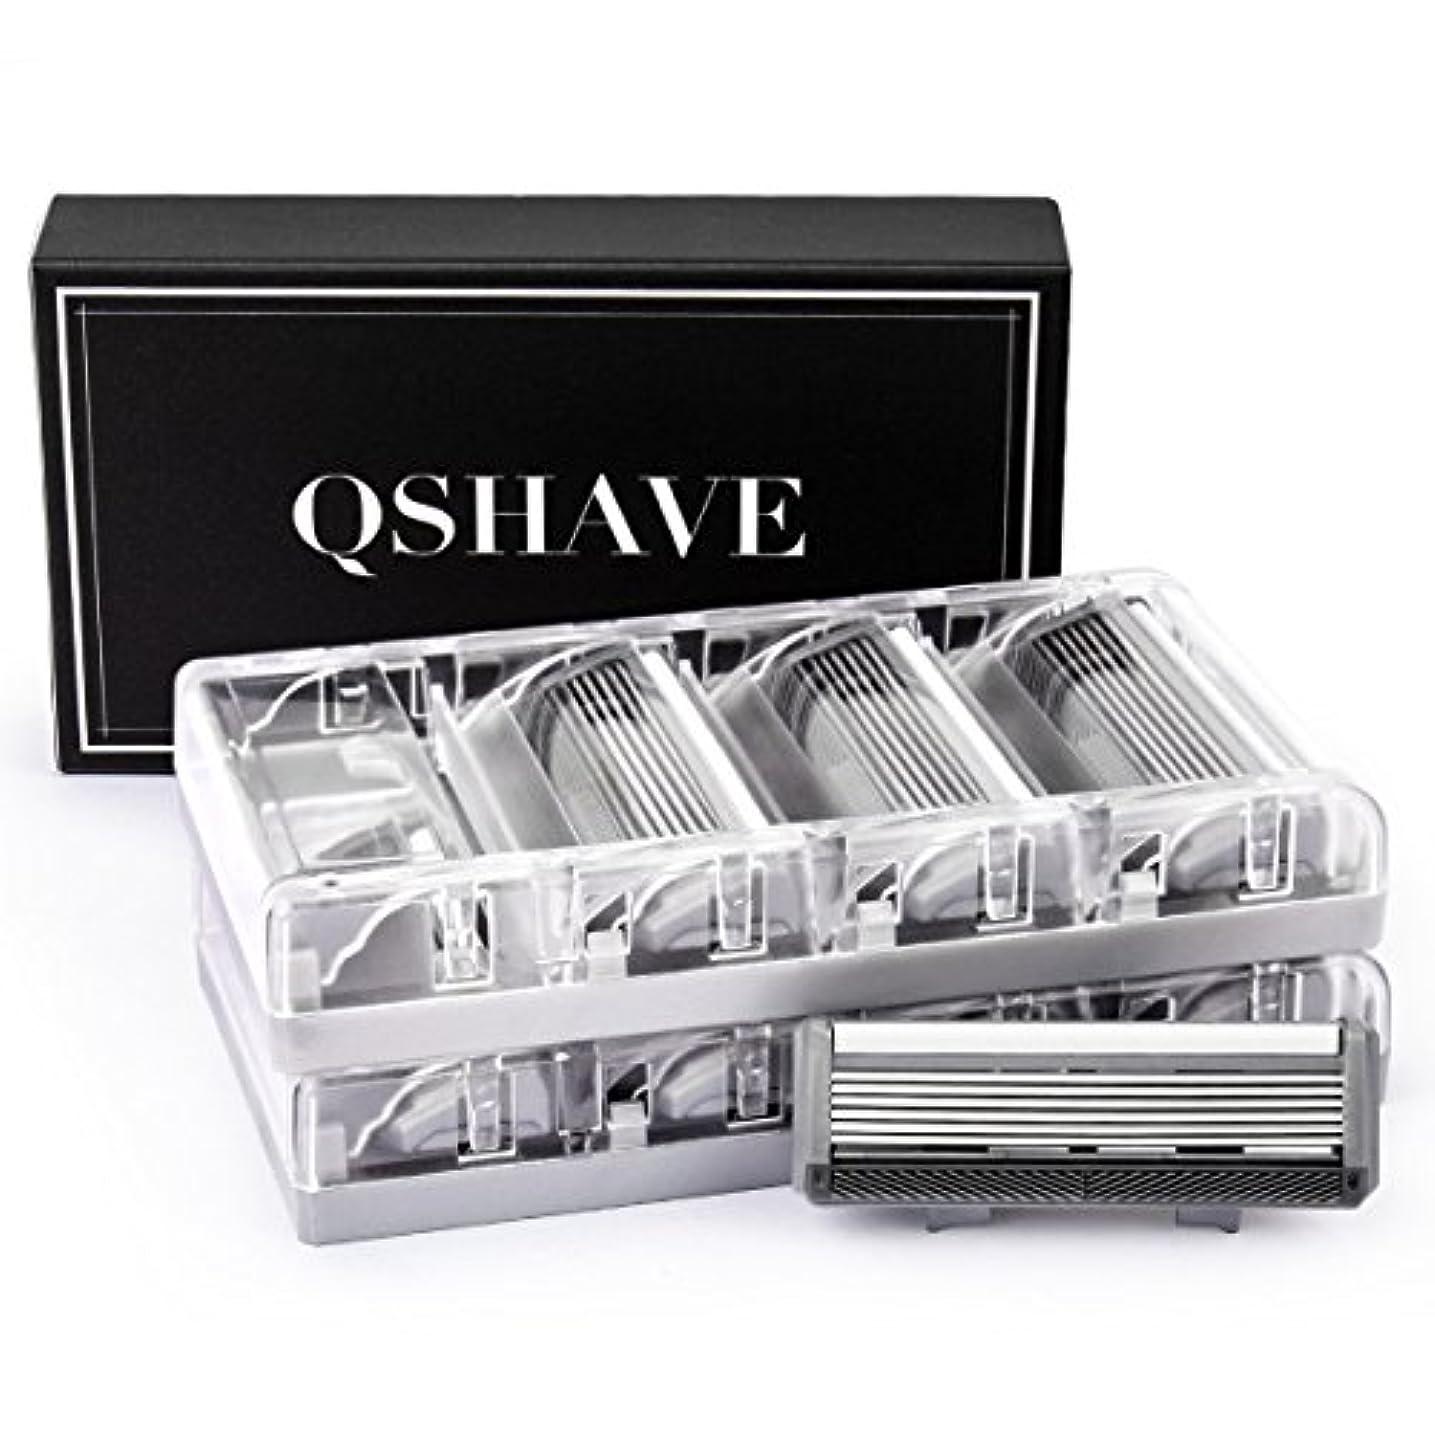 来てクリーム程度QSHAVEのX6 (6枚刃) カミソリ替刃カートリッジは、トリマーがドイツ製でQSHAVEブラックシリーズのカミソリにお使いいただけます。 (8つ入り)